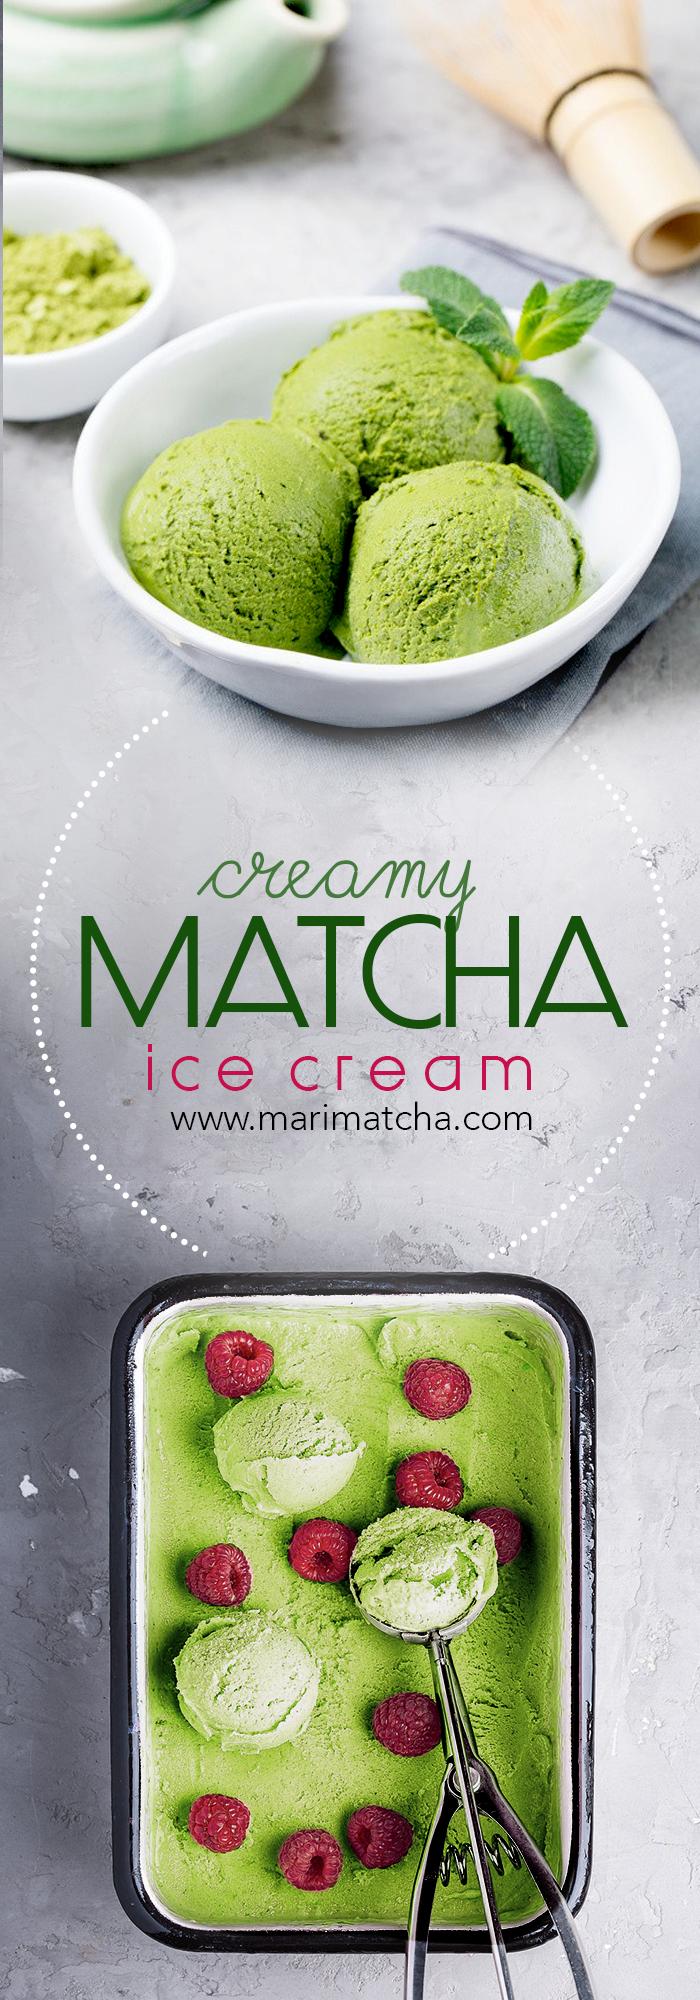 Matcha dondurma tarifi